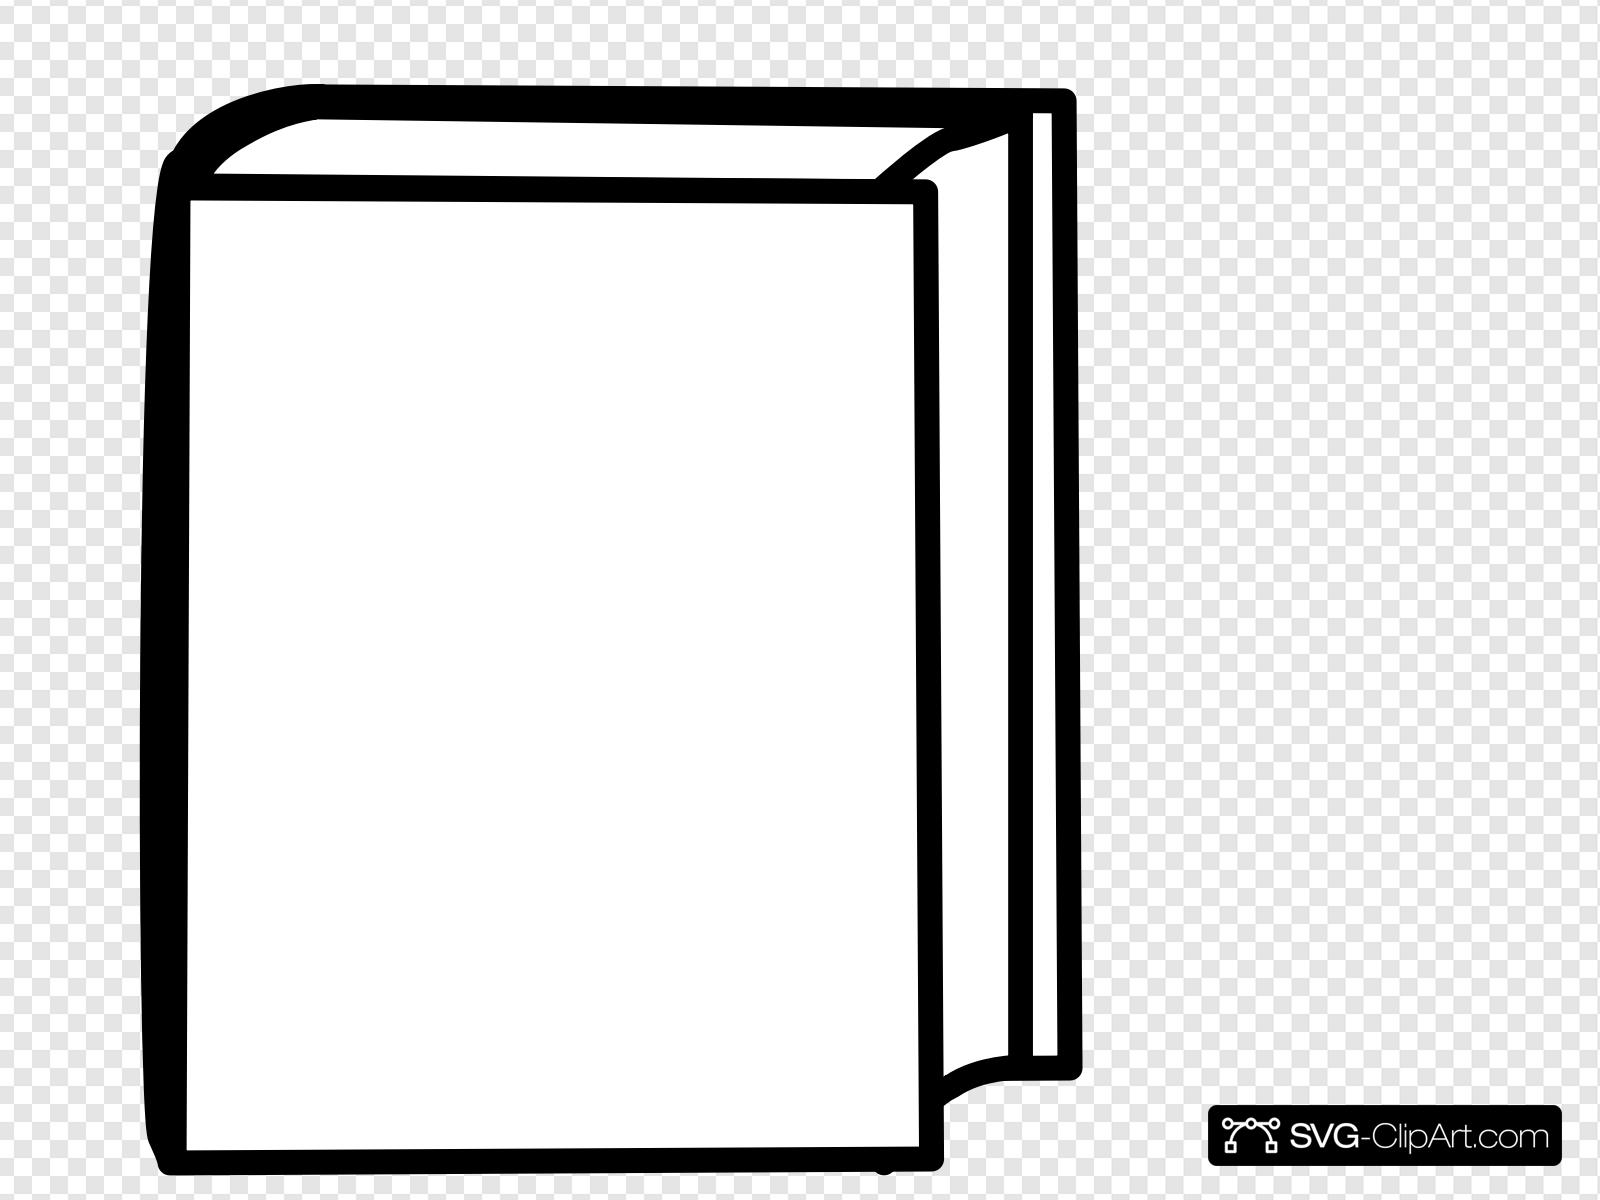 White Closed Book Clip art, Icon and SVG.